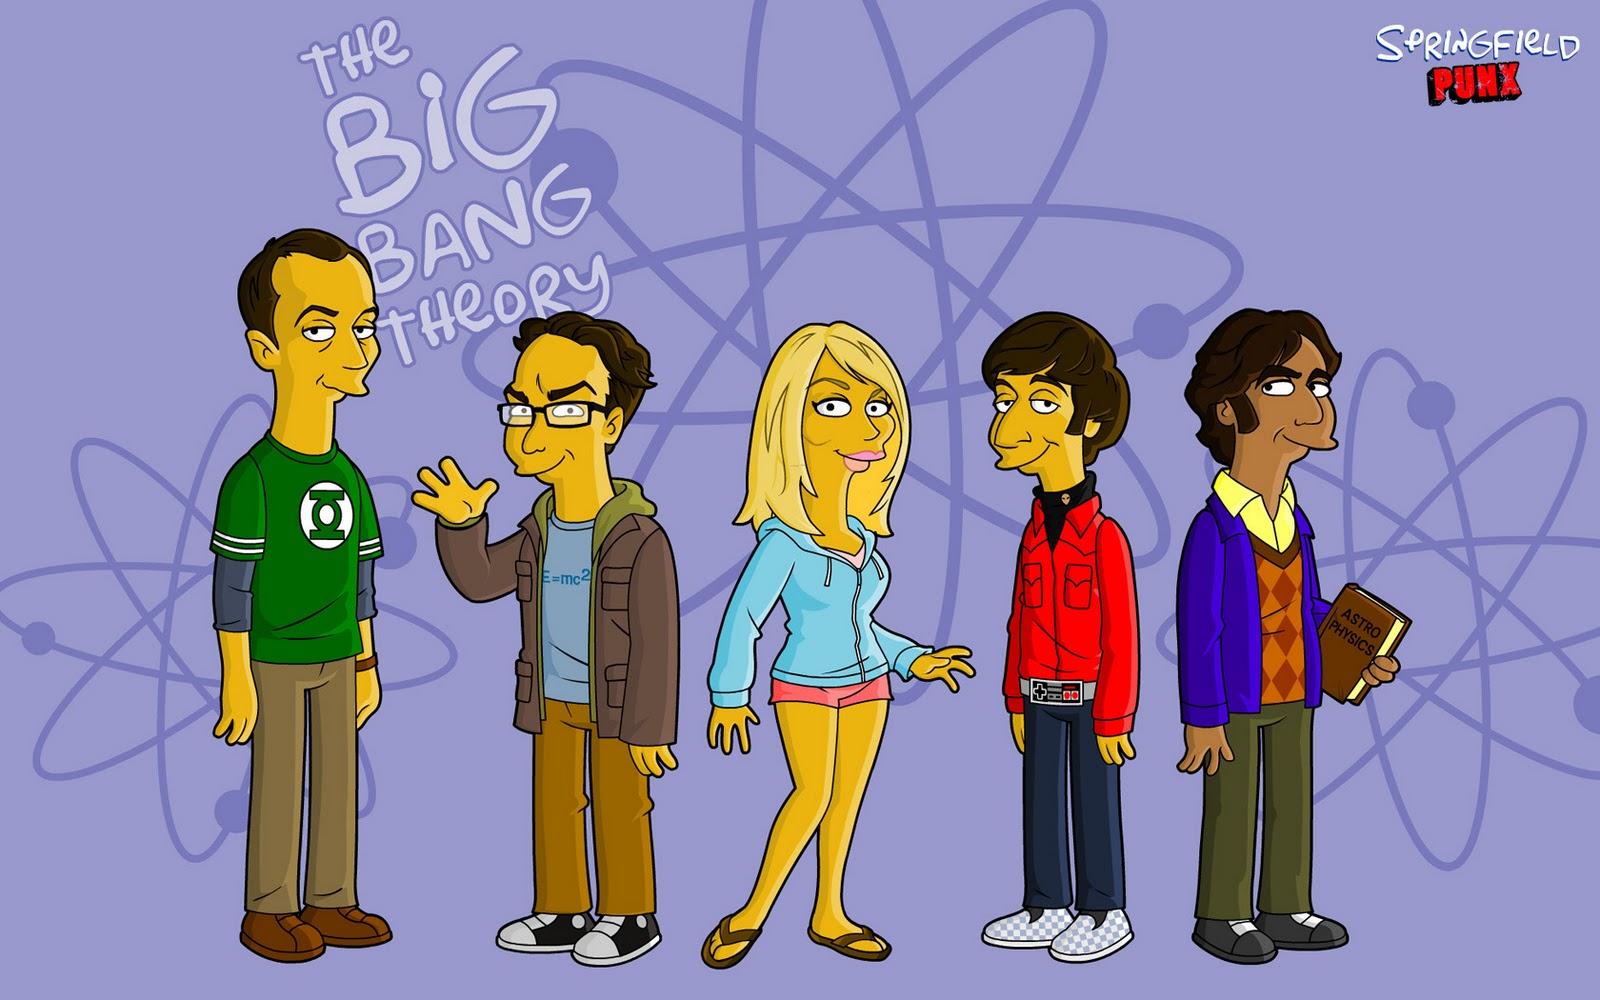 http://3.bp.blogspot.com/-kbUF4u_96ME/TtLALI6gKXI/AAAAAAAAAPs/uFjM1frTy7M/s1600/Simpsons-Big-Bang-Theory-desktop-widescreen-Wallpaper-1680x1050-springfield-punx.jpg